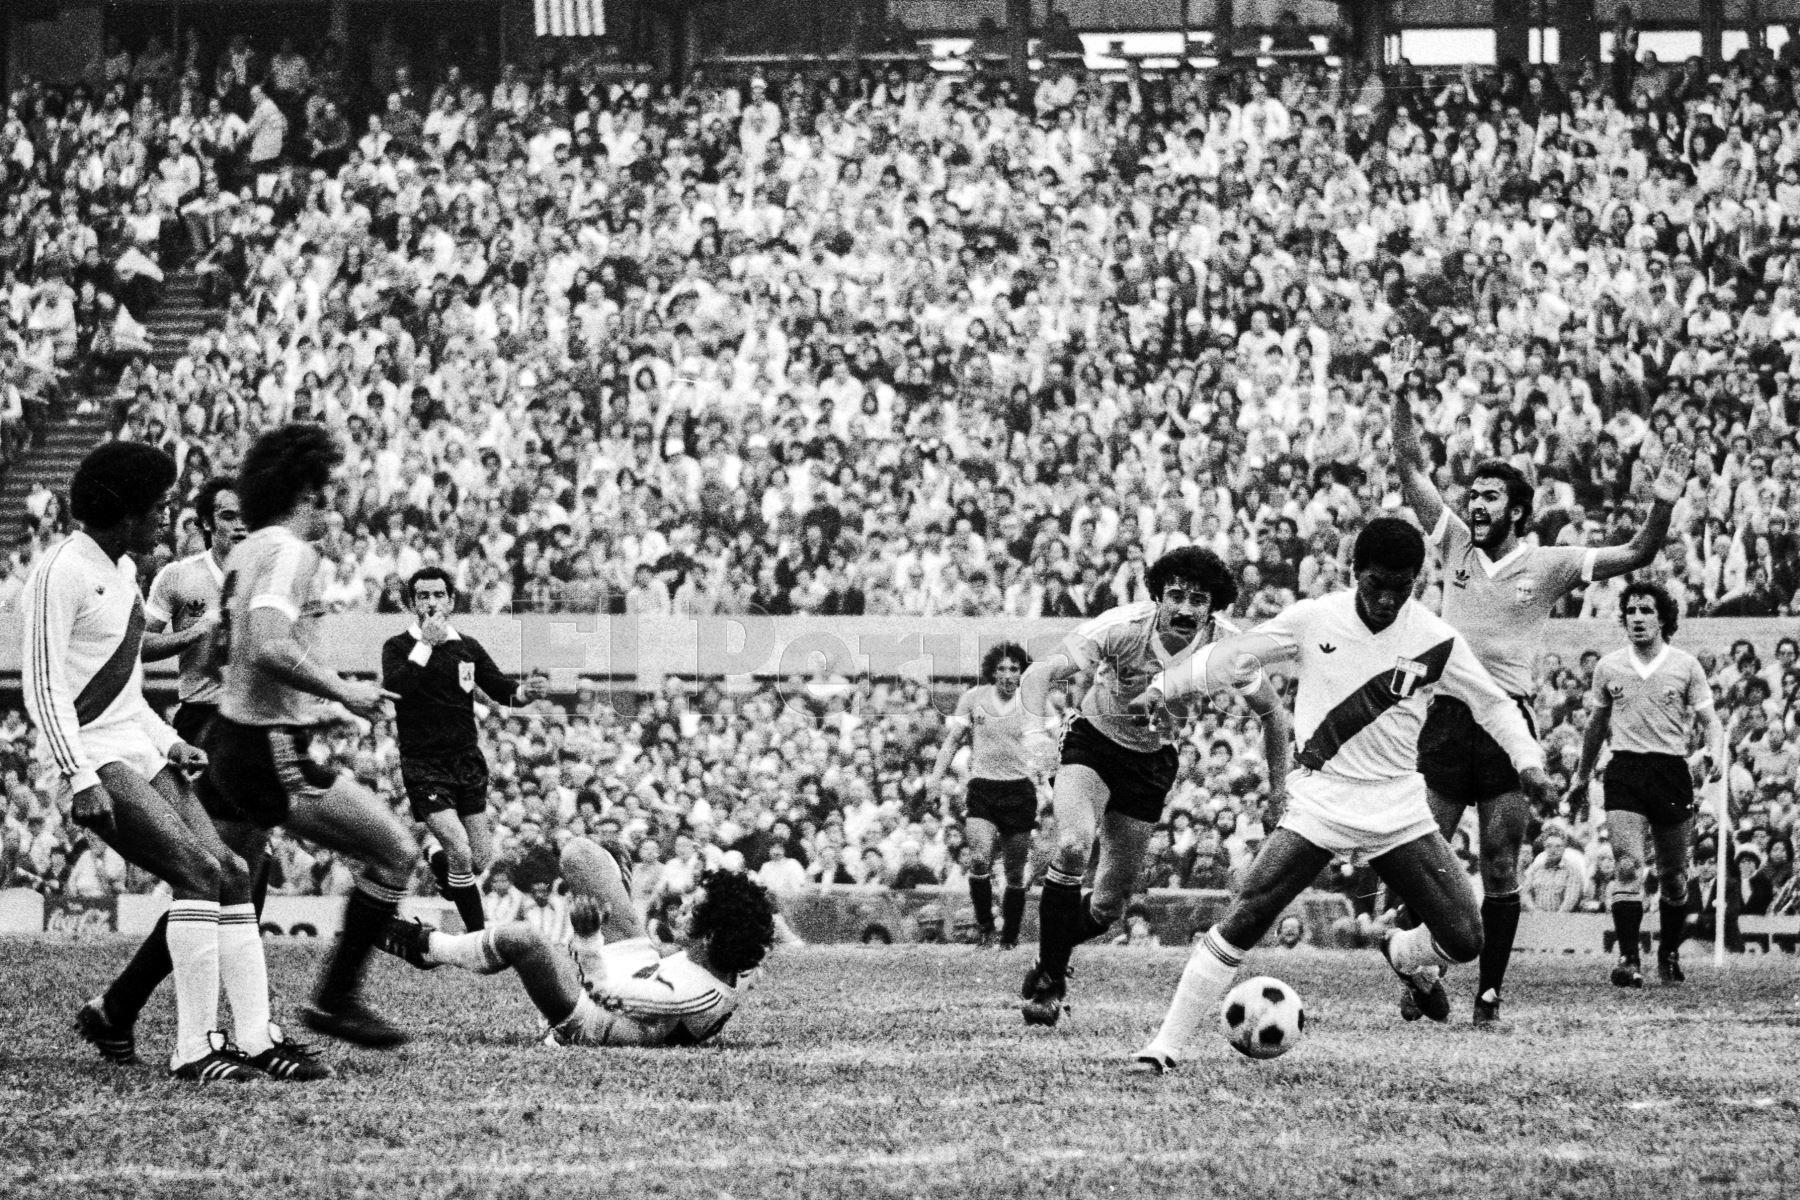 Montevideo, Uruguay - 23 agosto 1981 / El volante Julio César Uribe supera la marca de un rival durante el partido que Perú le ganó a Uruguay por 2-1 en el estadio Centenario. Los peruanos alcanzaron la punta del Grupo 2 de las eliminatorias sudamericanas y quedaron a un punto de clasificar al Mundial de España 82.Foto: Archivo El Peruano/ Rómulo Luján